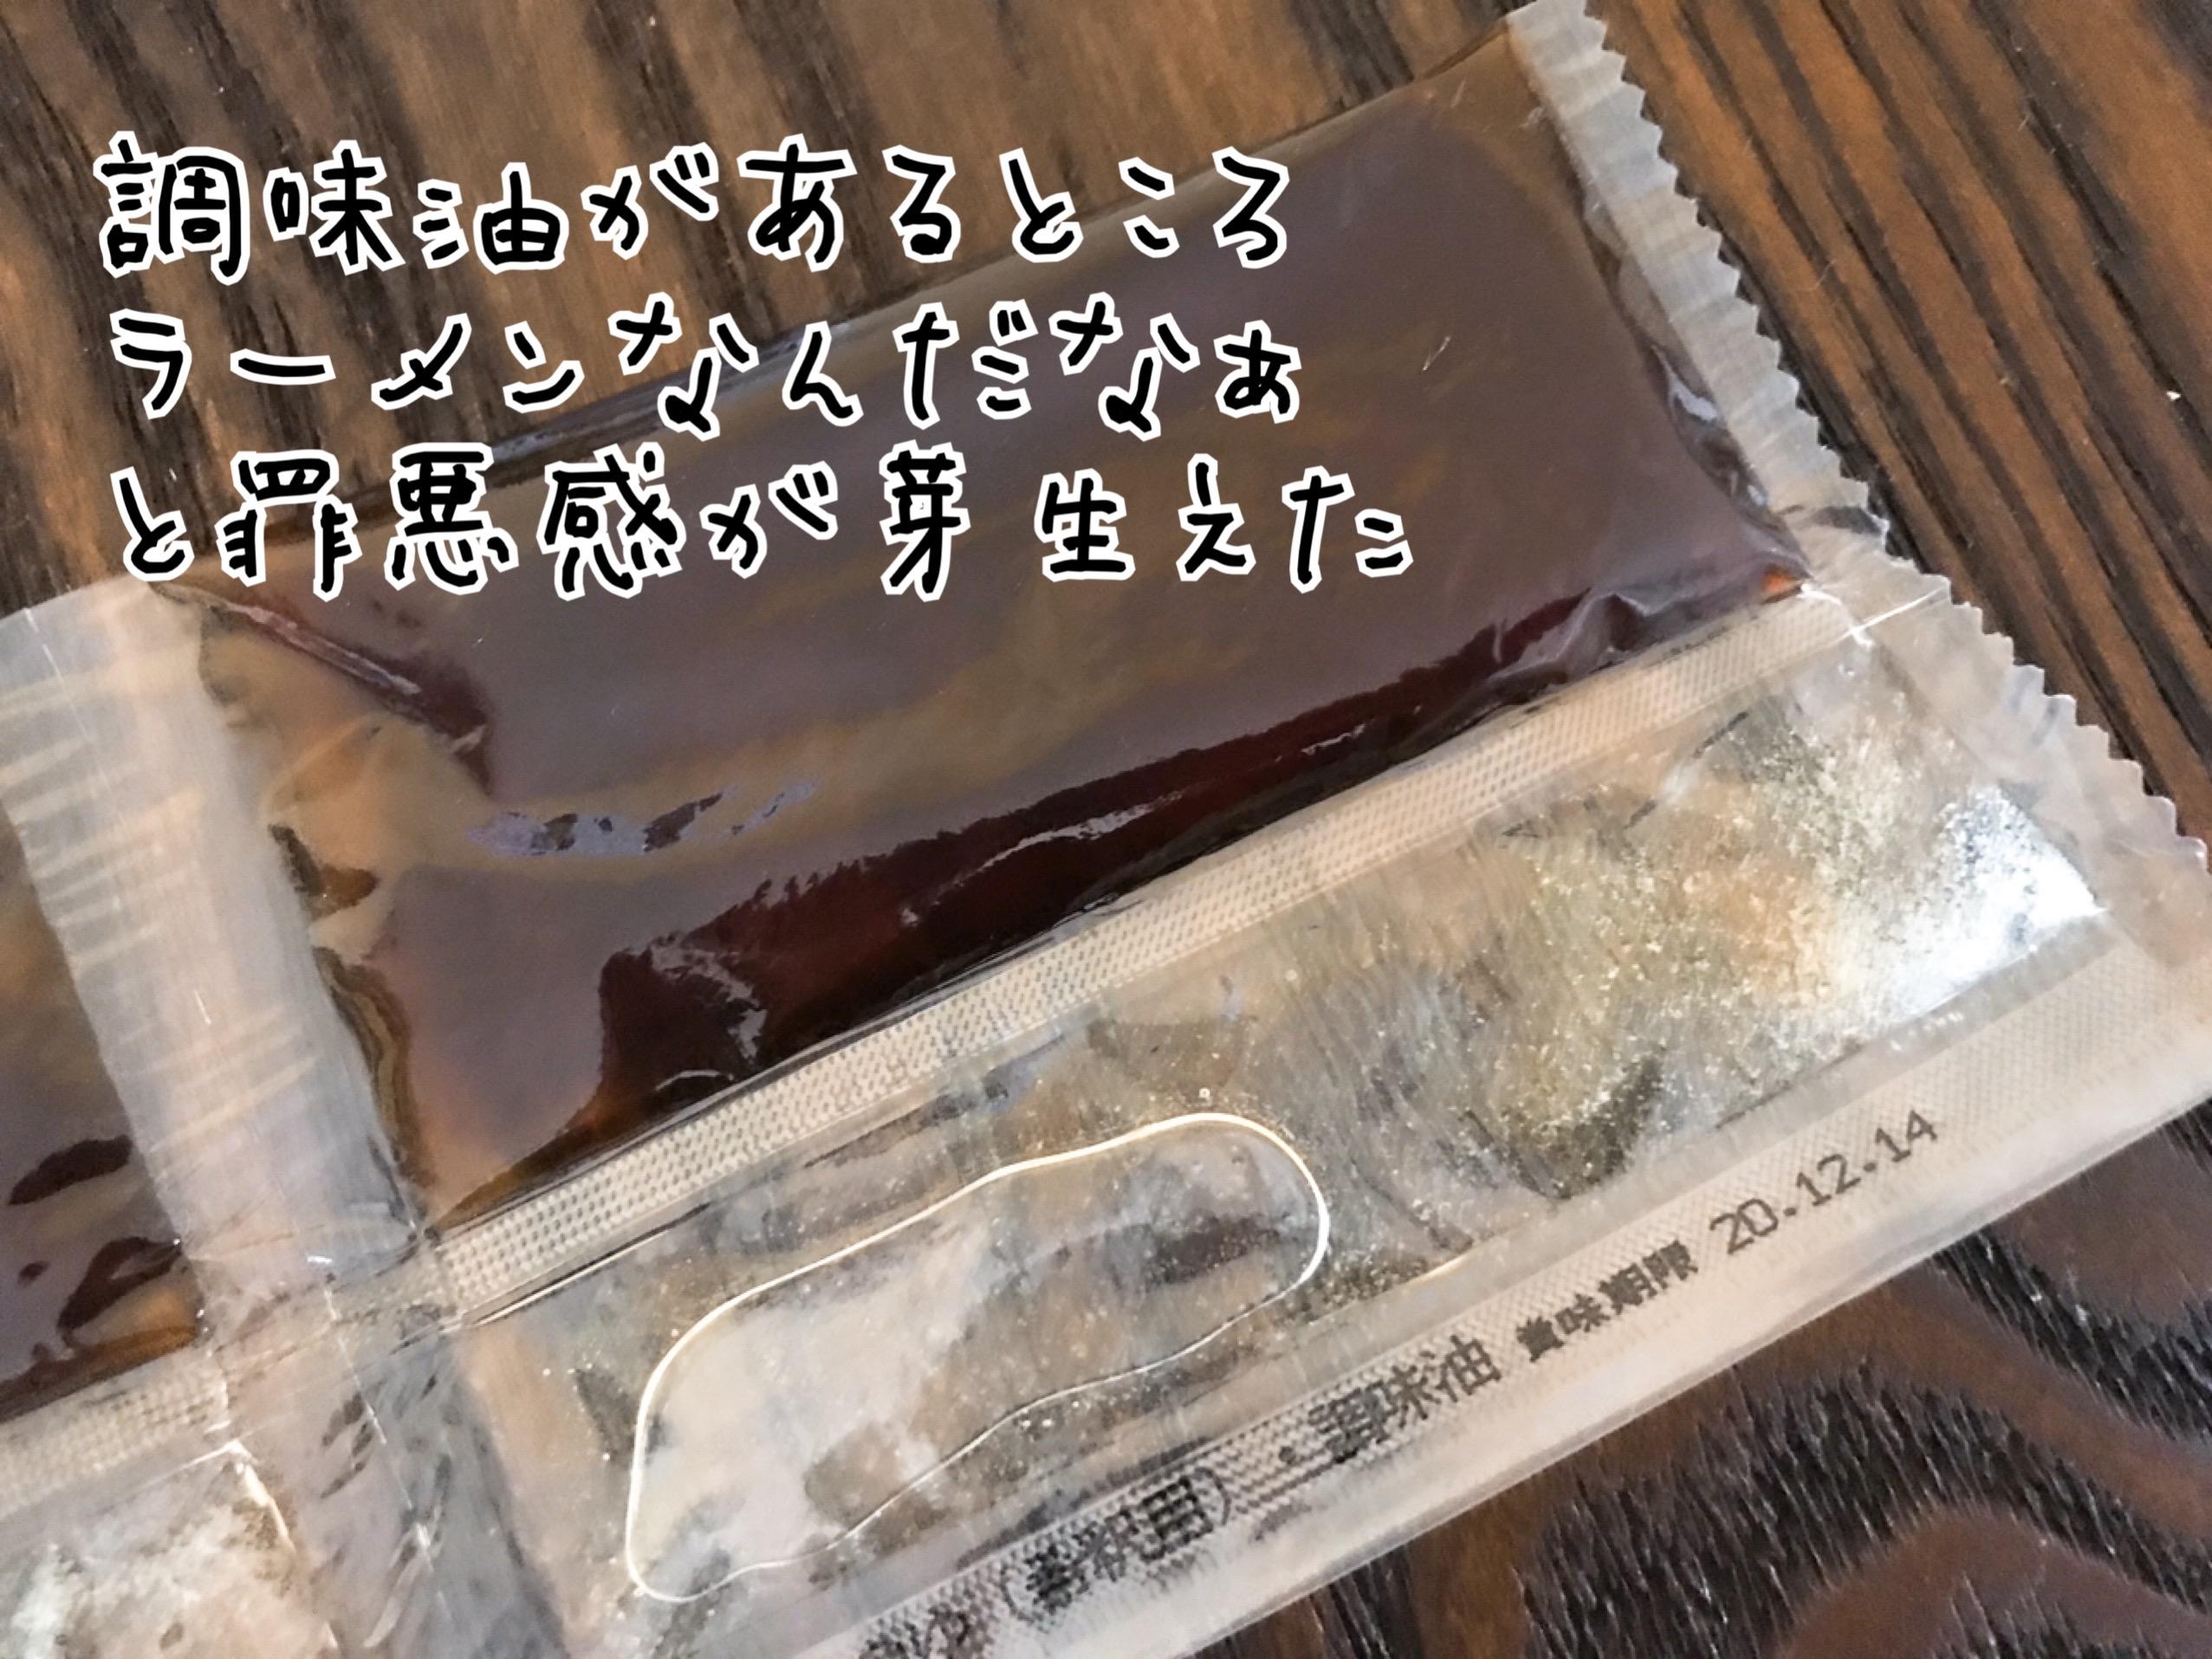 乾麺 鶏ラーメン